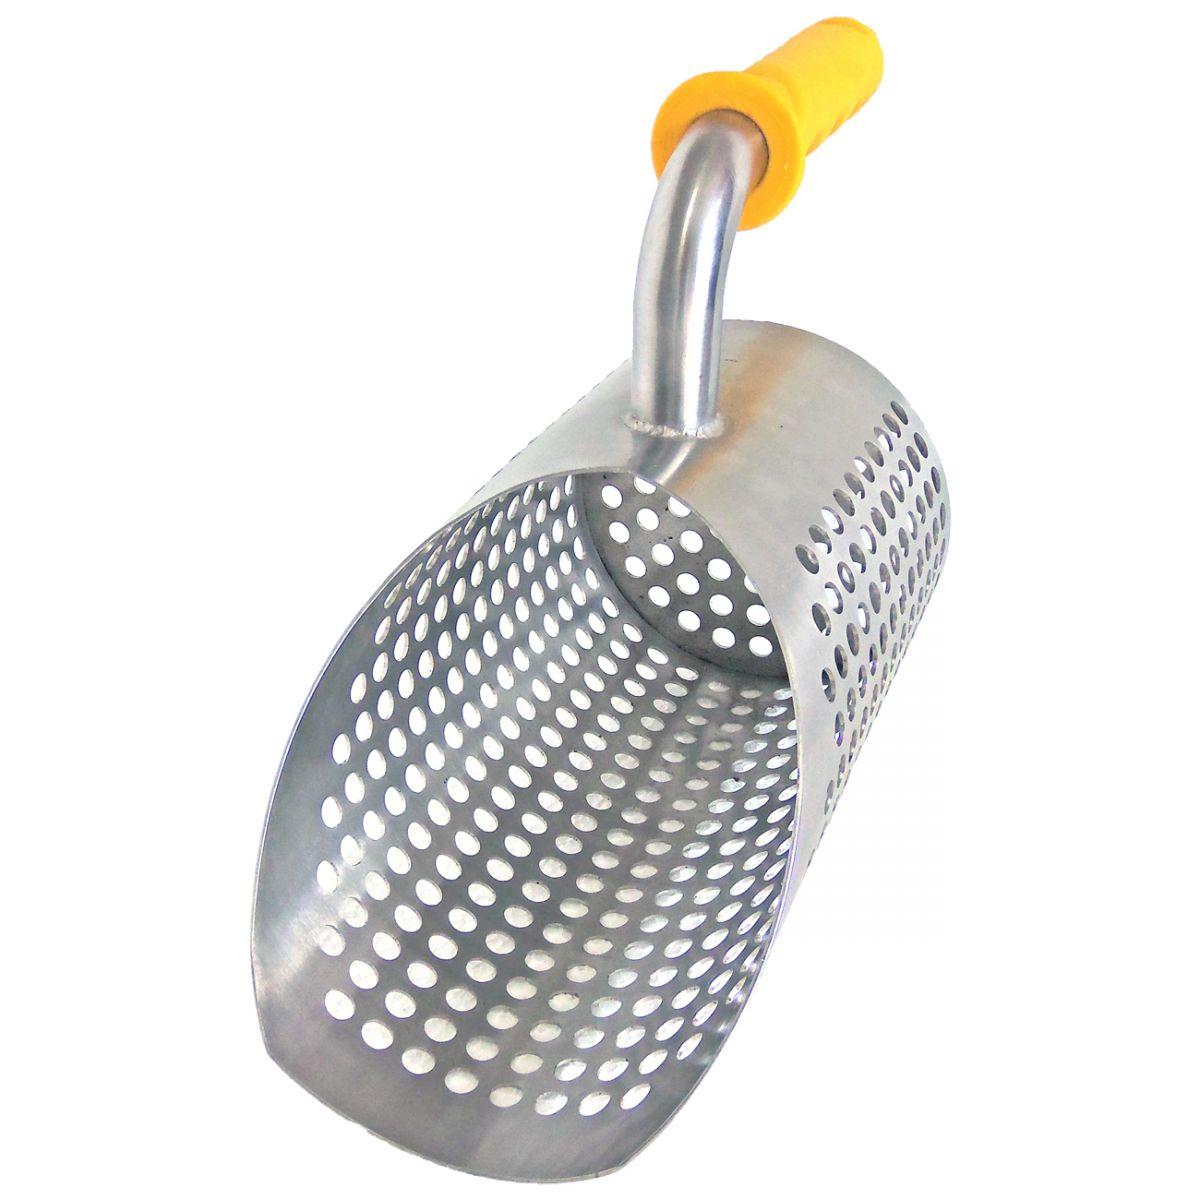 Concha de Mão (Hand Scoop)  - Fortuna Detectores de Metais